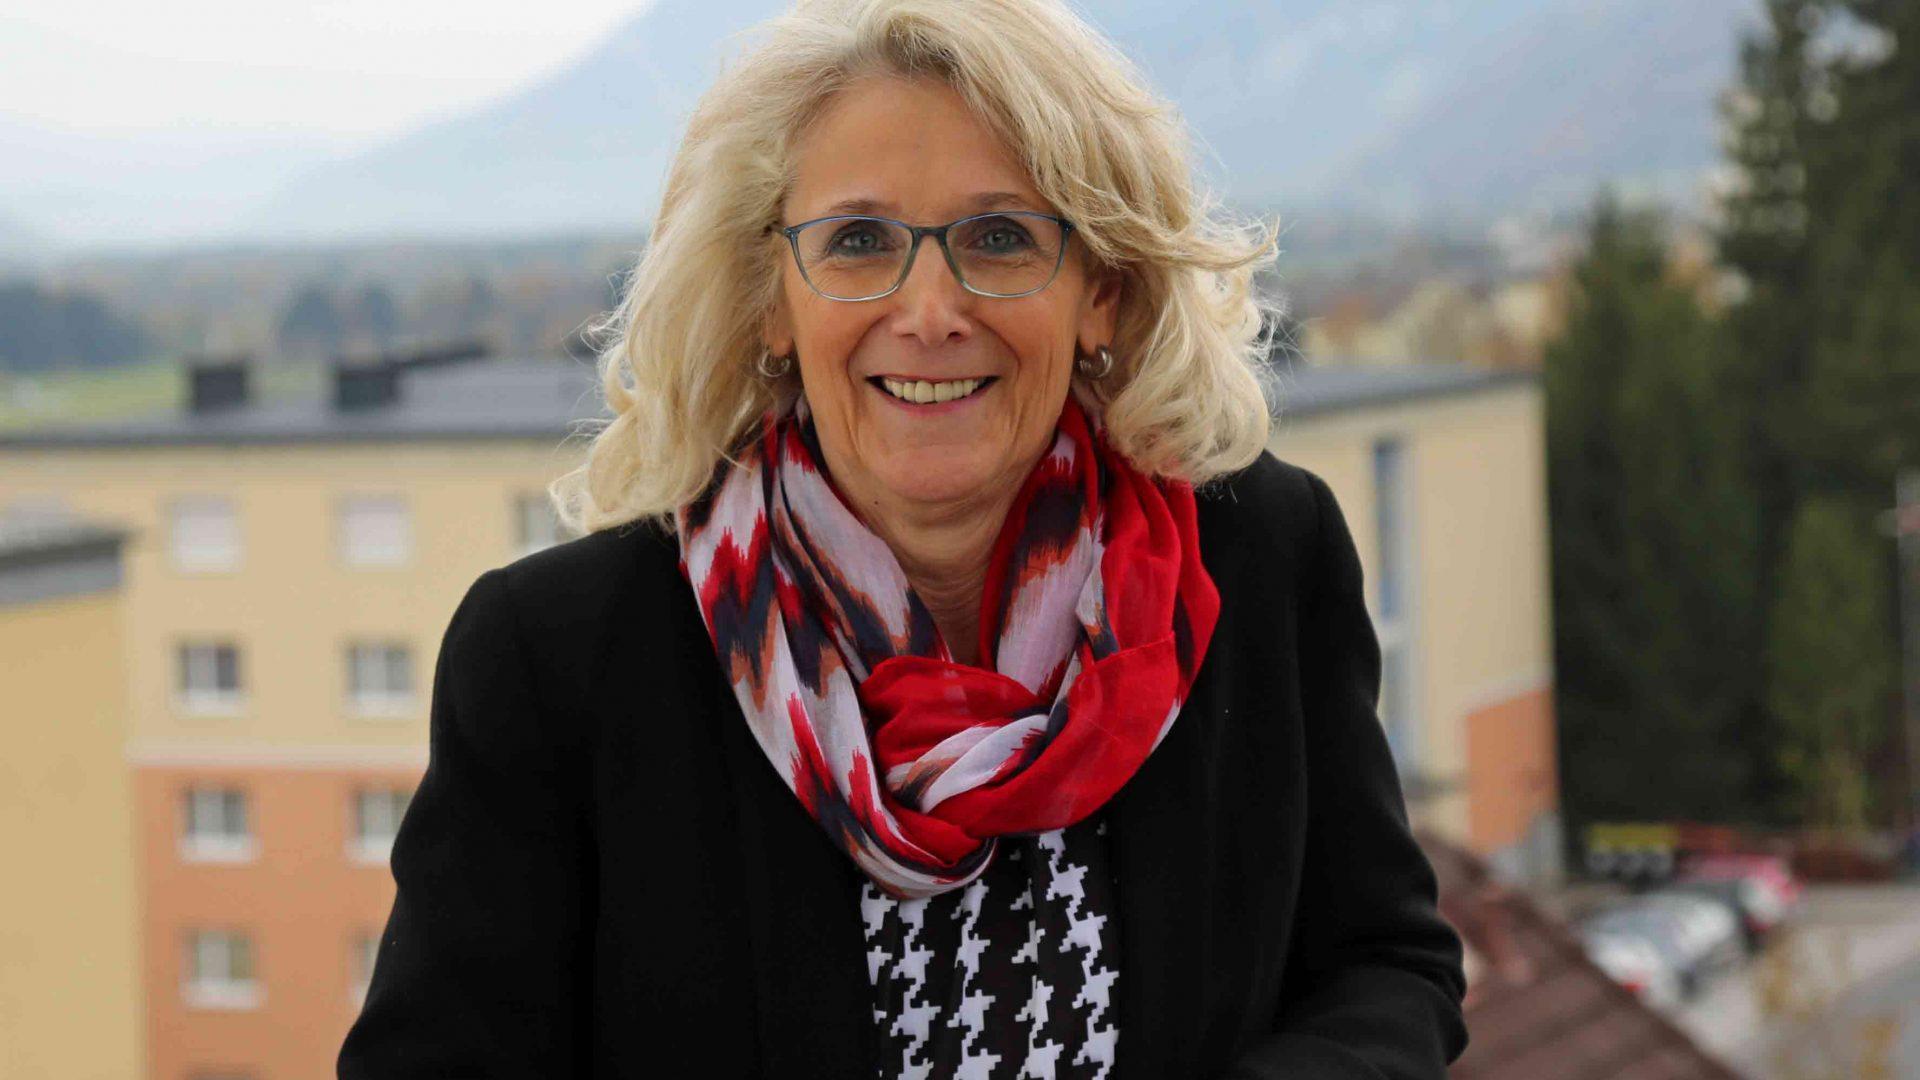 """Roswitha Glashüttner wird am 2. Jänner 2018 das Bürgermeisteramt in Liezen übernehmen. """"Ich freue mich unglaublich, dass mir dieses Vertrauen geschenkt wird"""", so die 60-Jährige. (Bild: ZVG)"""